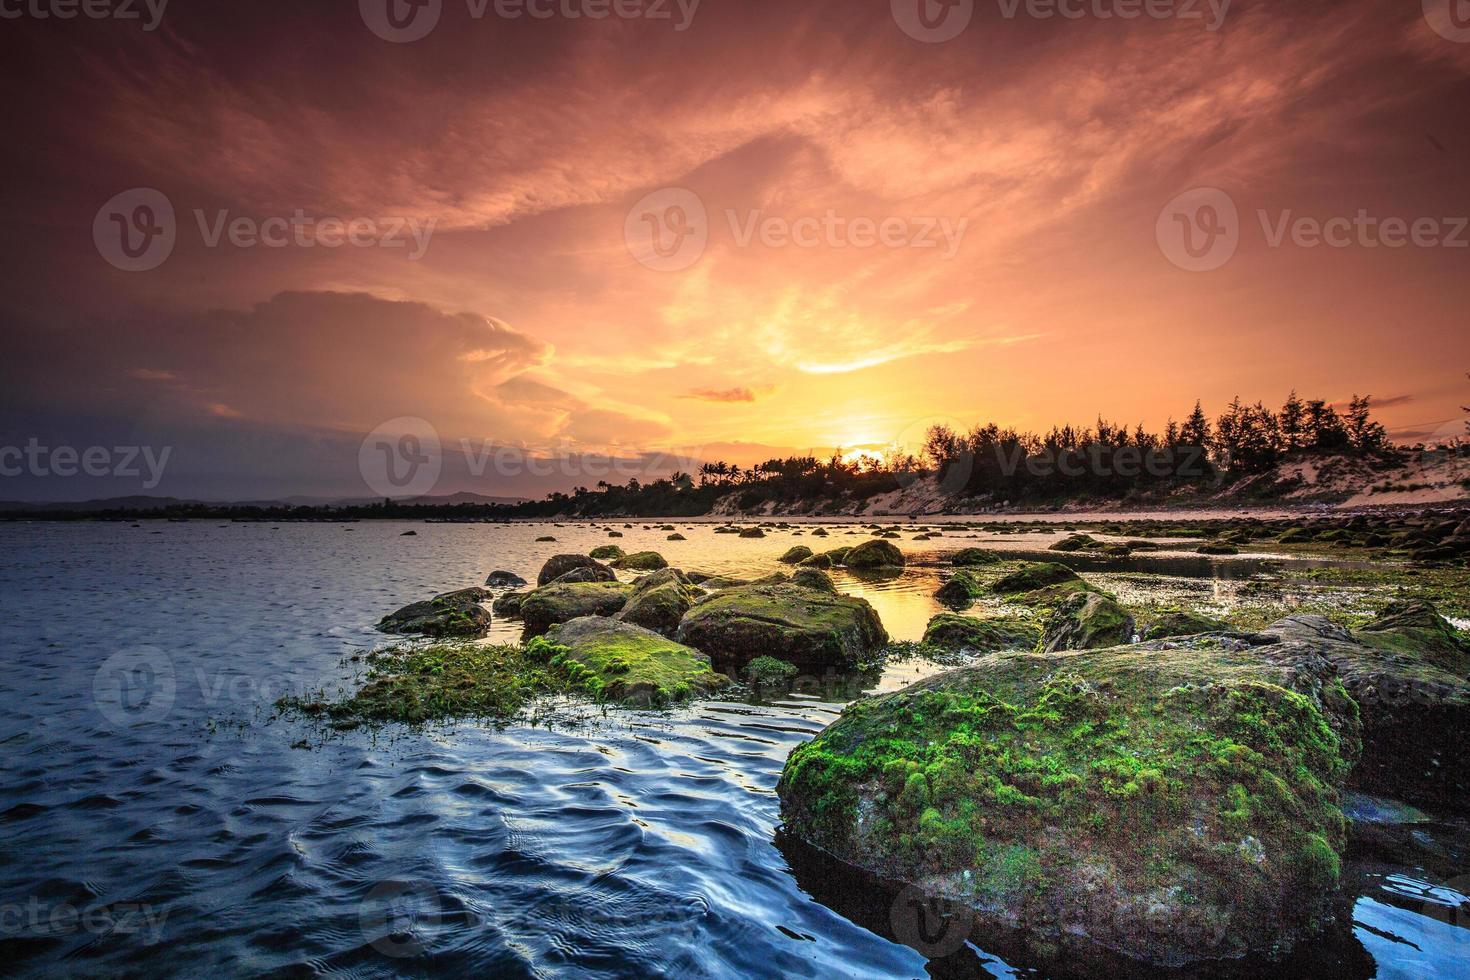 côte avec de nombreux rochers et mousses à phu yen, vietnam photo